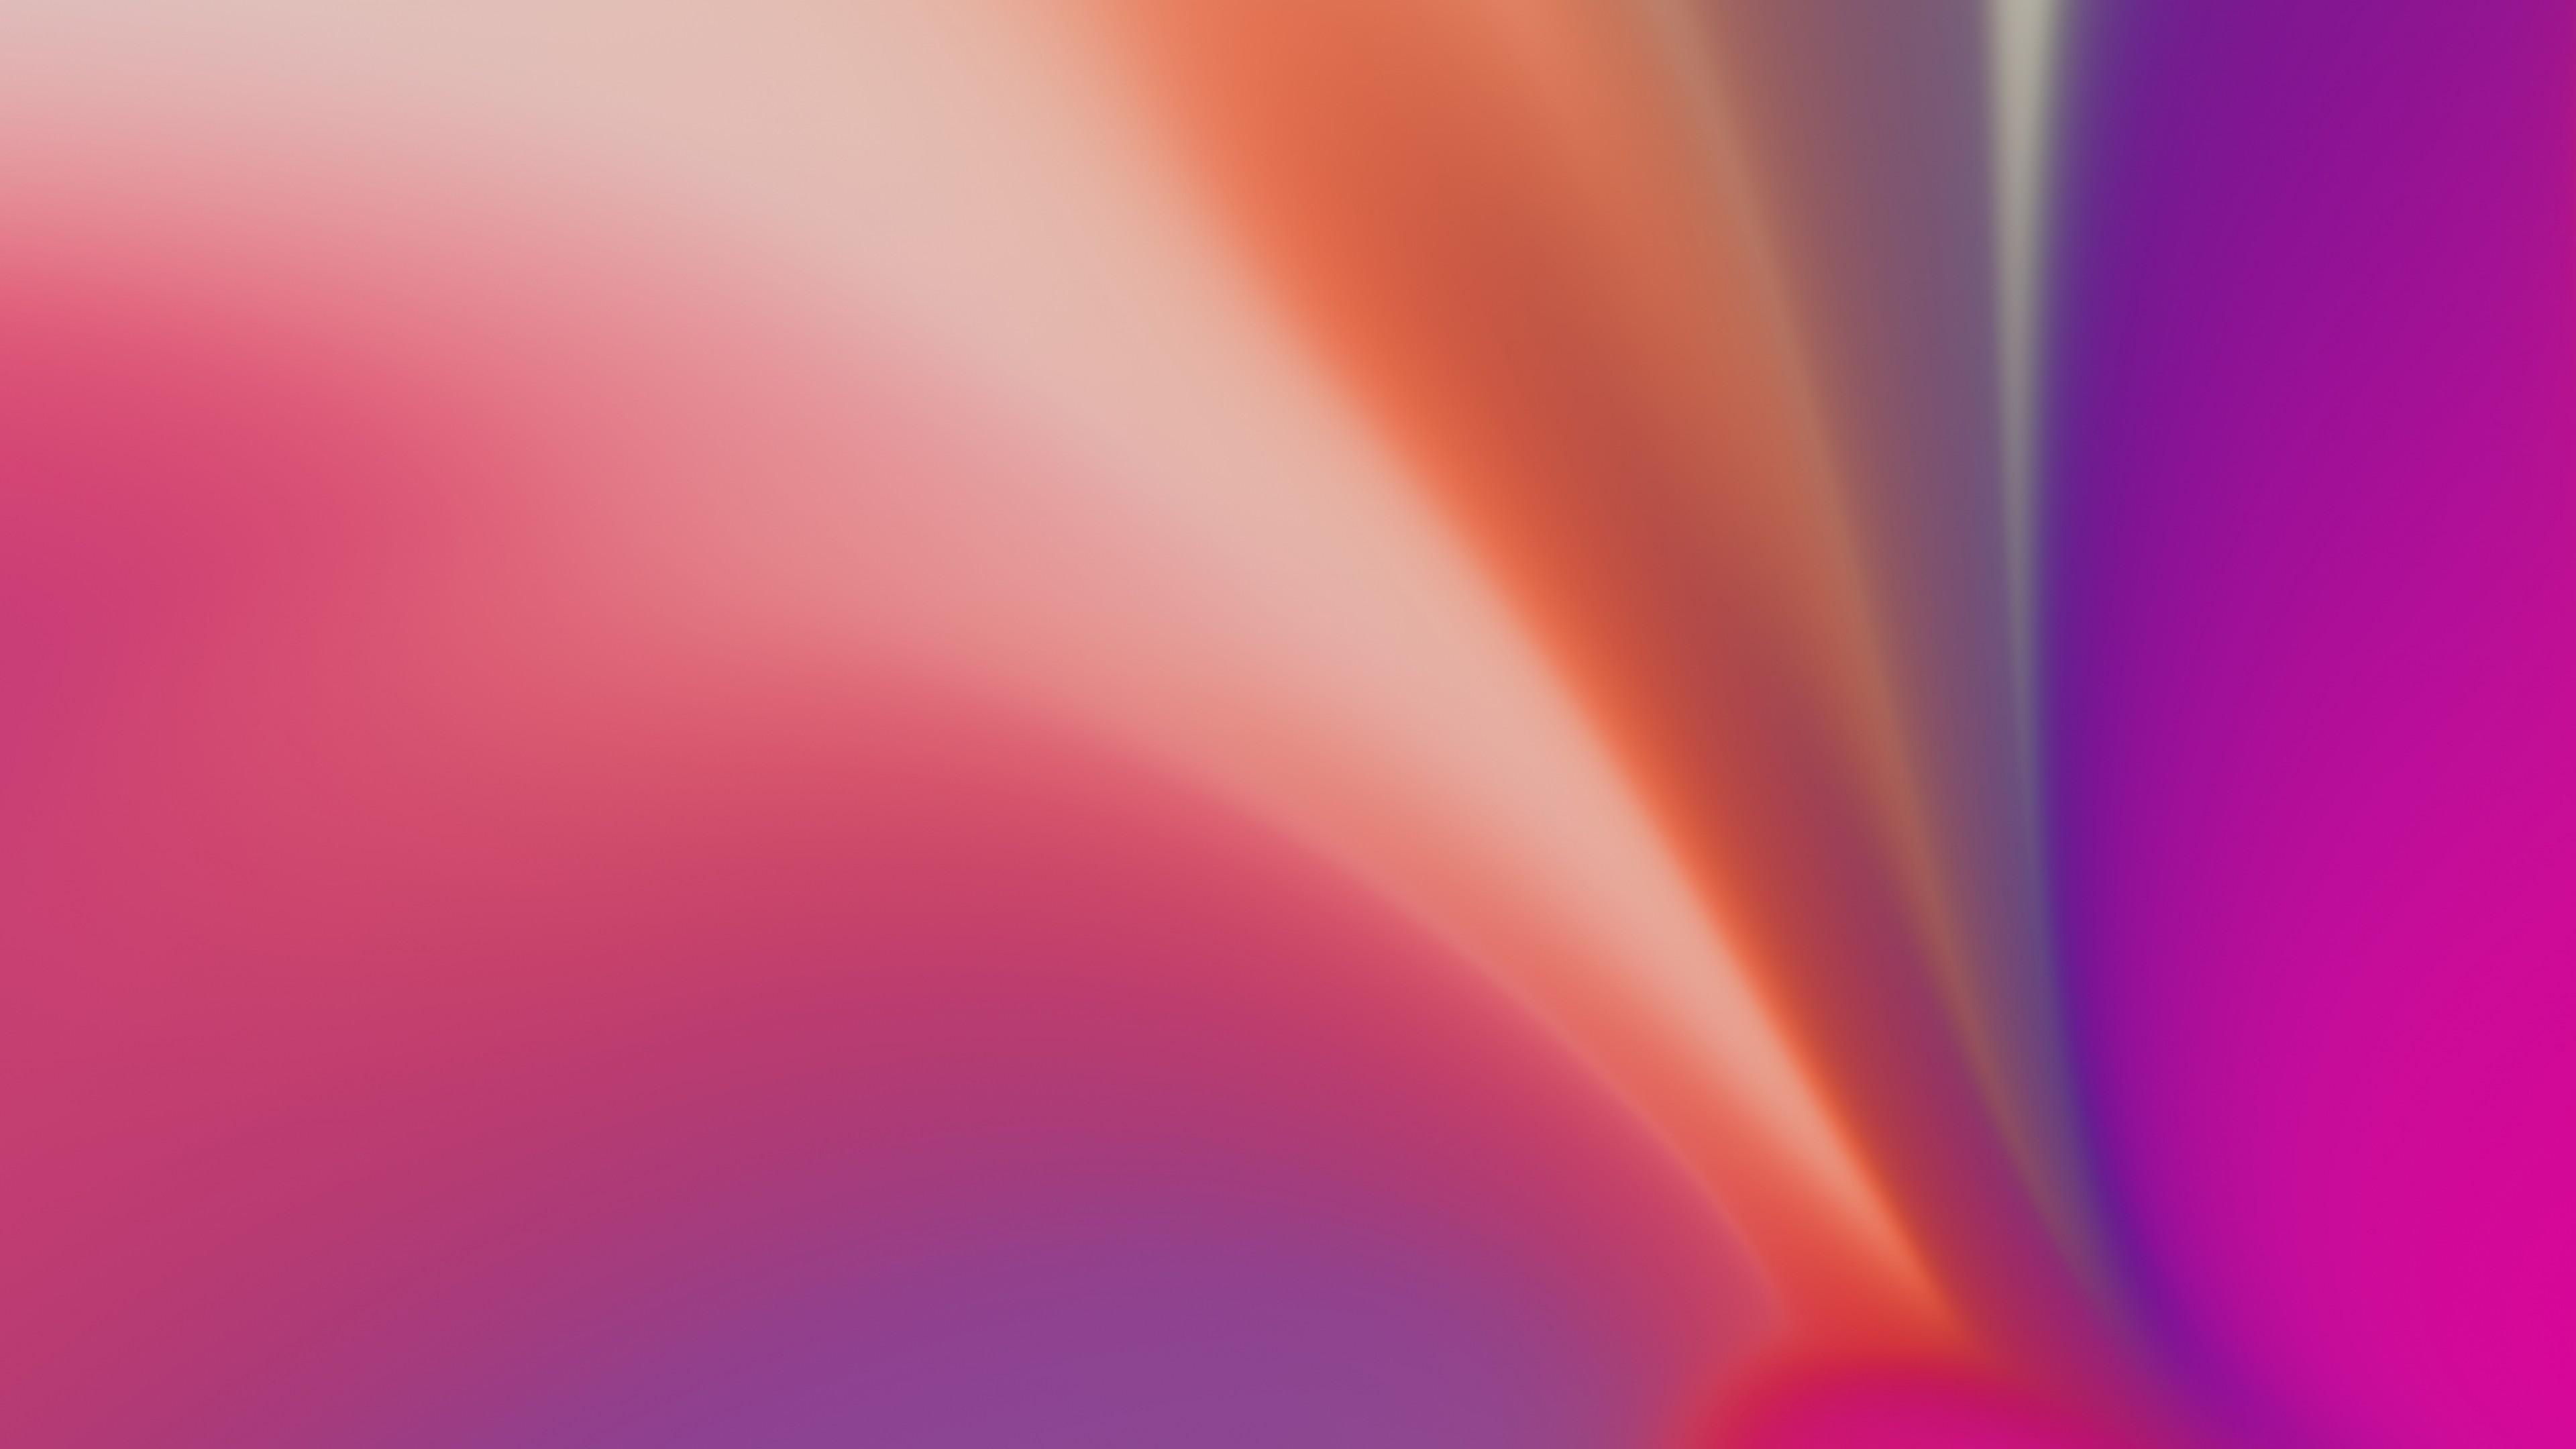 Абстрактный веерообразный фон оранжевого цвета с неоновой подсветкой